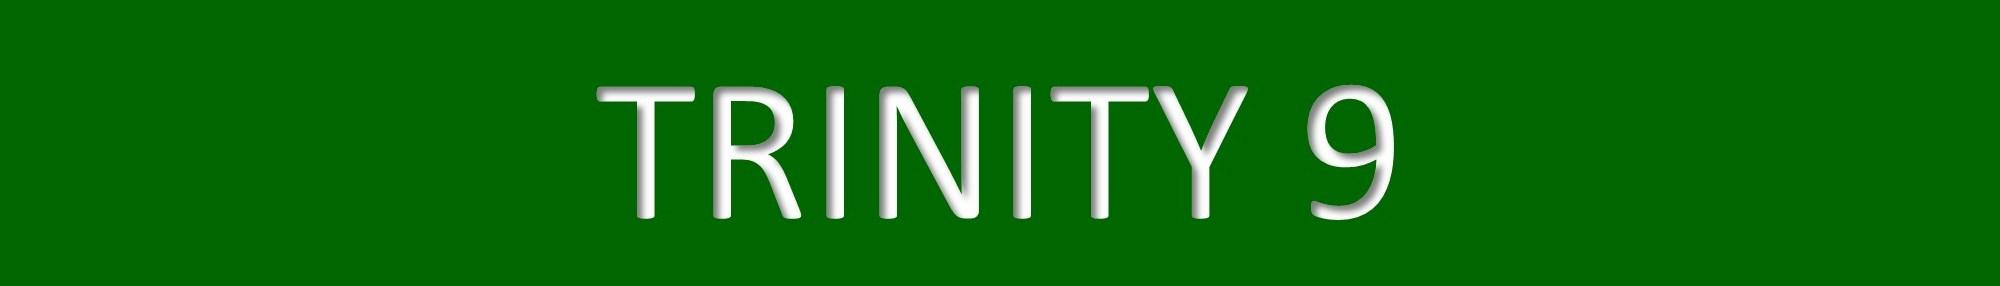 Trinity 9 header